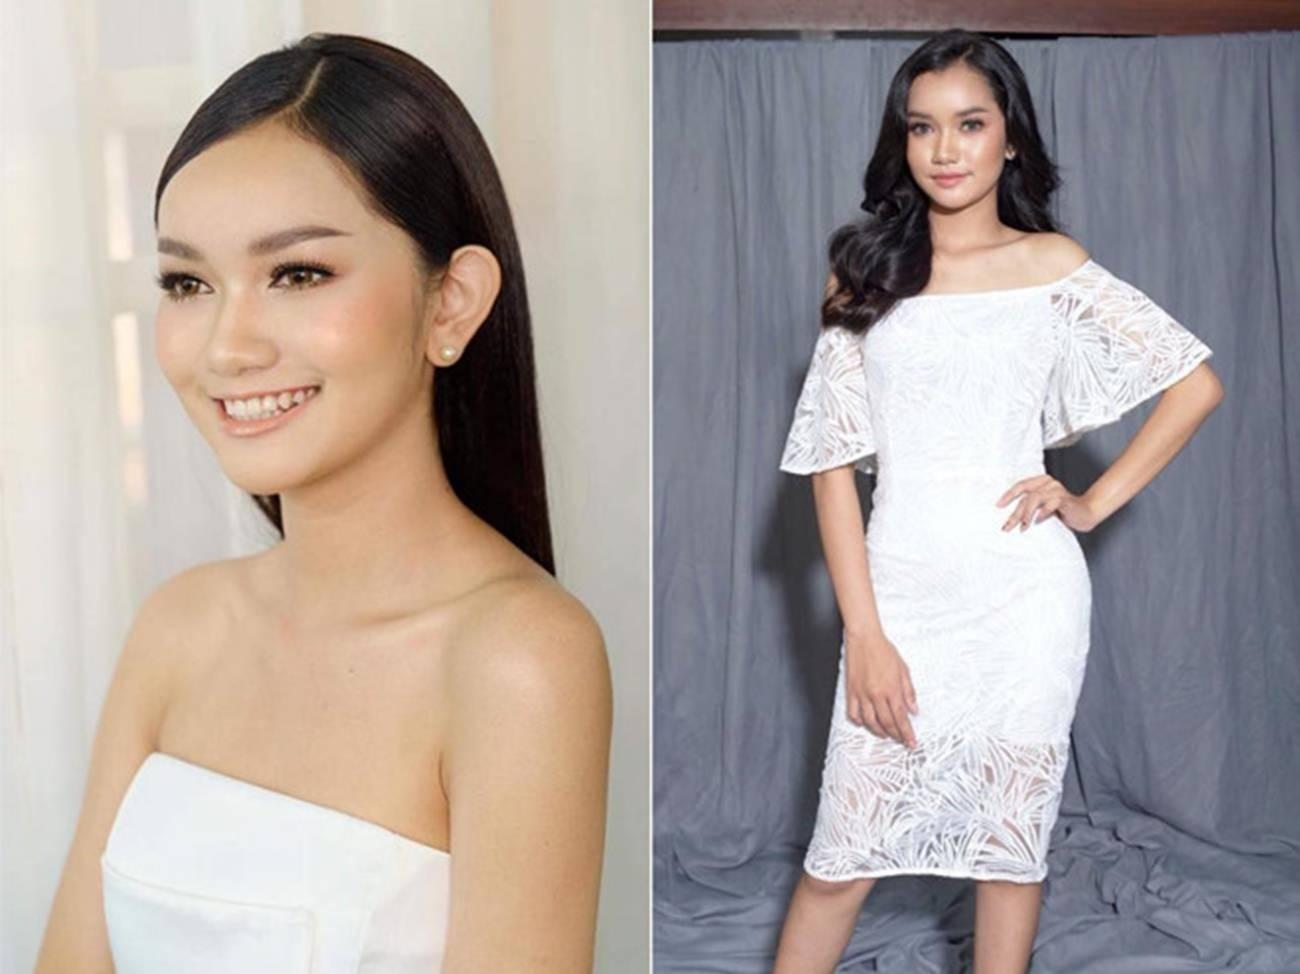 Nhan sắc 4 cô gái sẽ dự thi Hoa hậu Hoàn vũ 2019-4